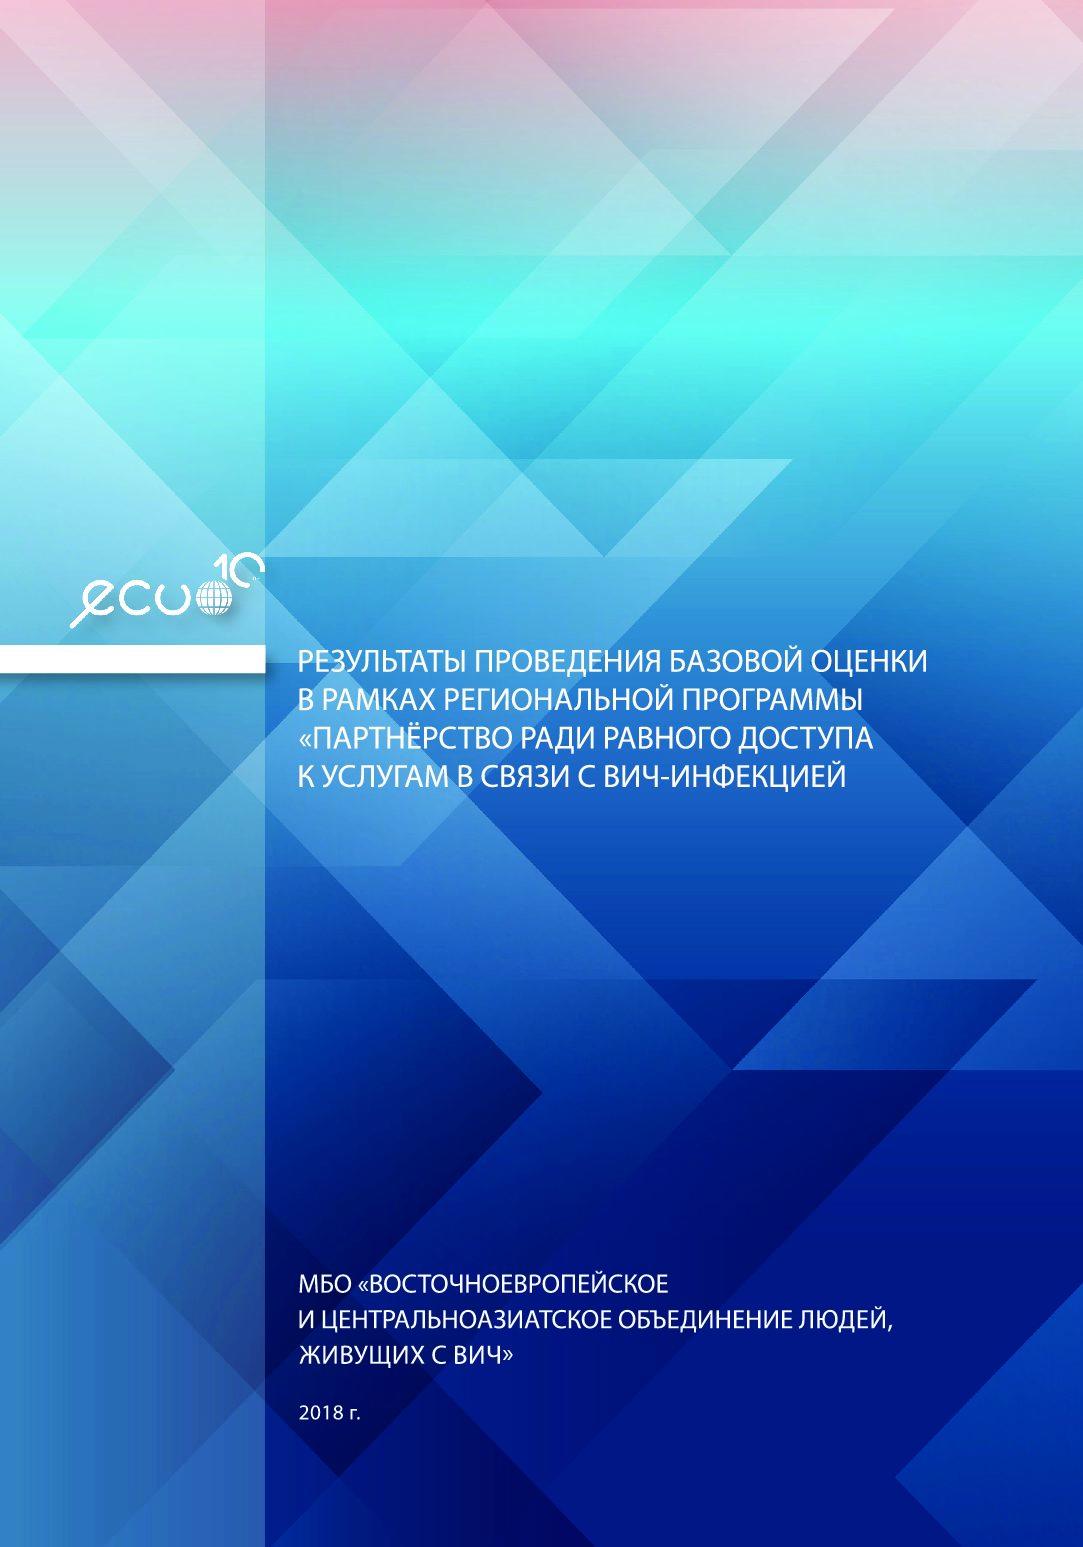 Базовая оценка в рамках региональной программы «Партнёрство ради равного доступа куслугам всвязи сВИЧ-инфекцией врегионе ВЕЦА»